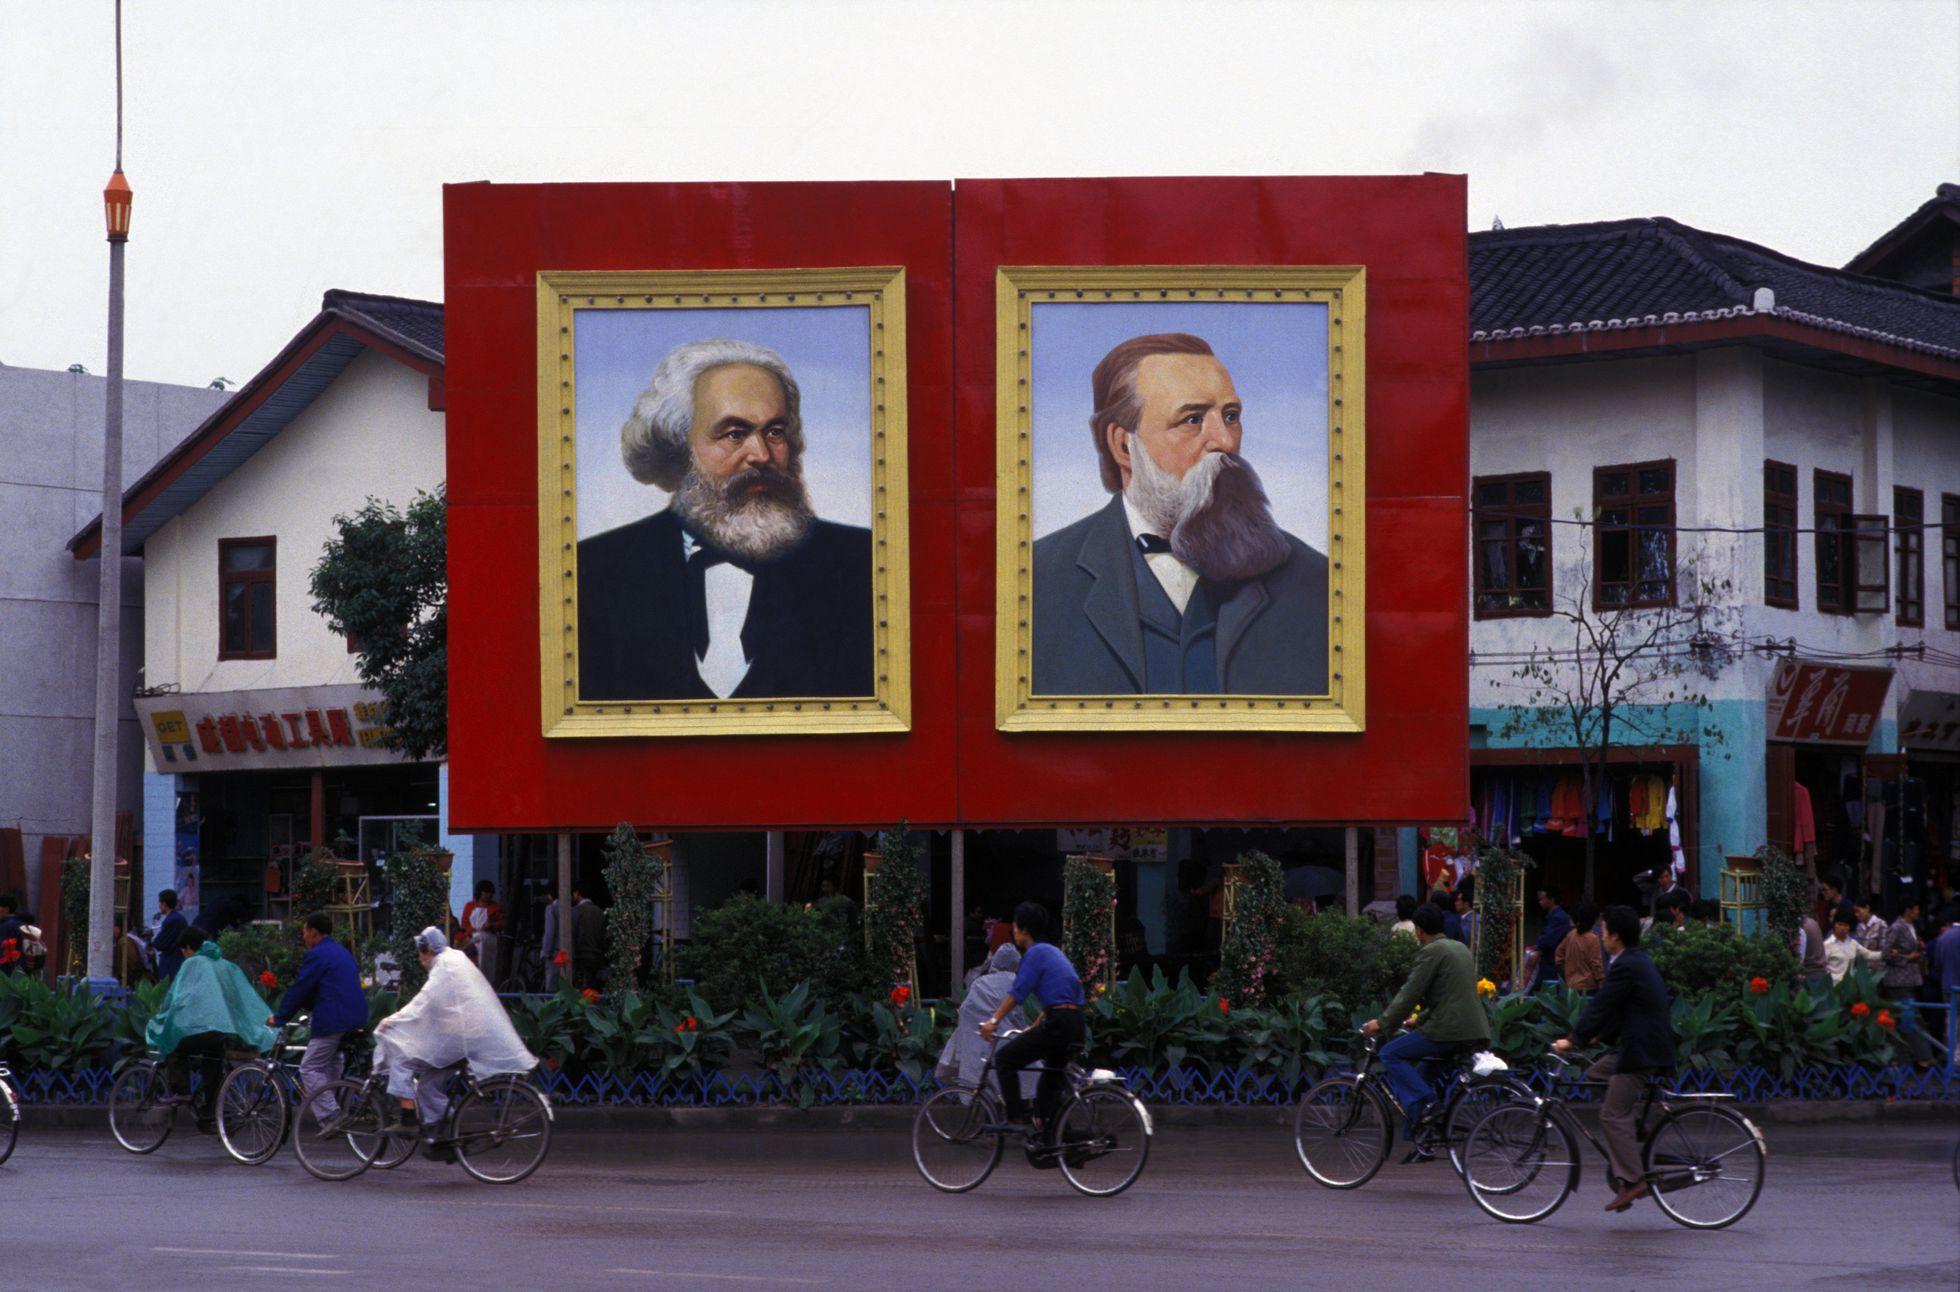 Retratos de Karl Marx y Friedrich Engels en una calle de Chengdu (China), en septiembre de 1986